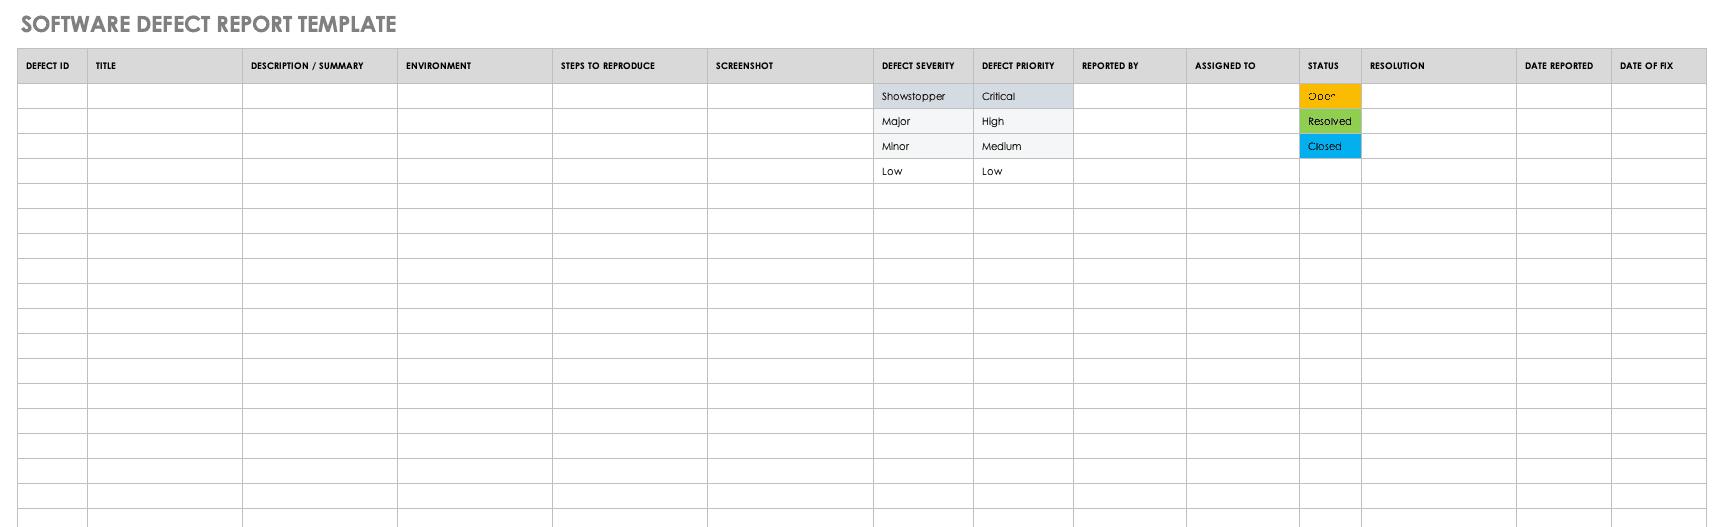 Defect Report Template In Excel from www.smartsheet.com